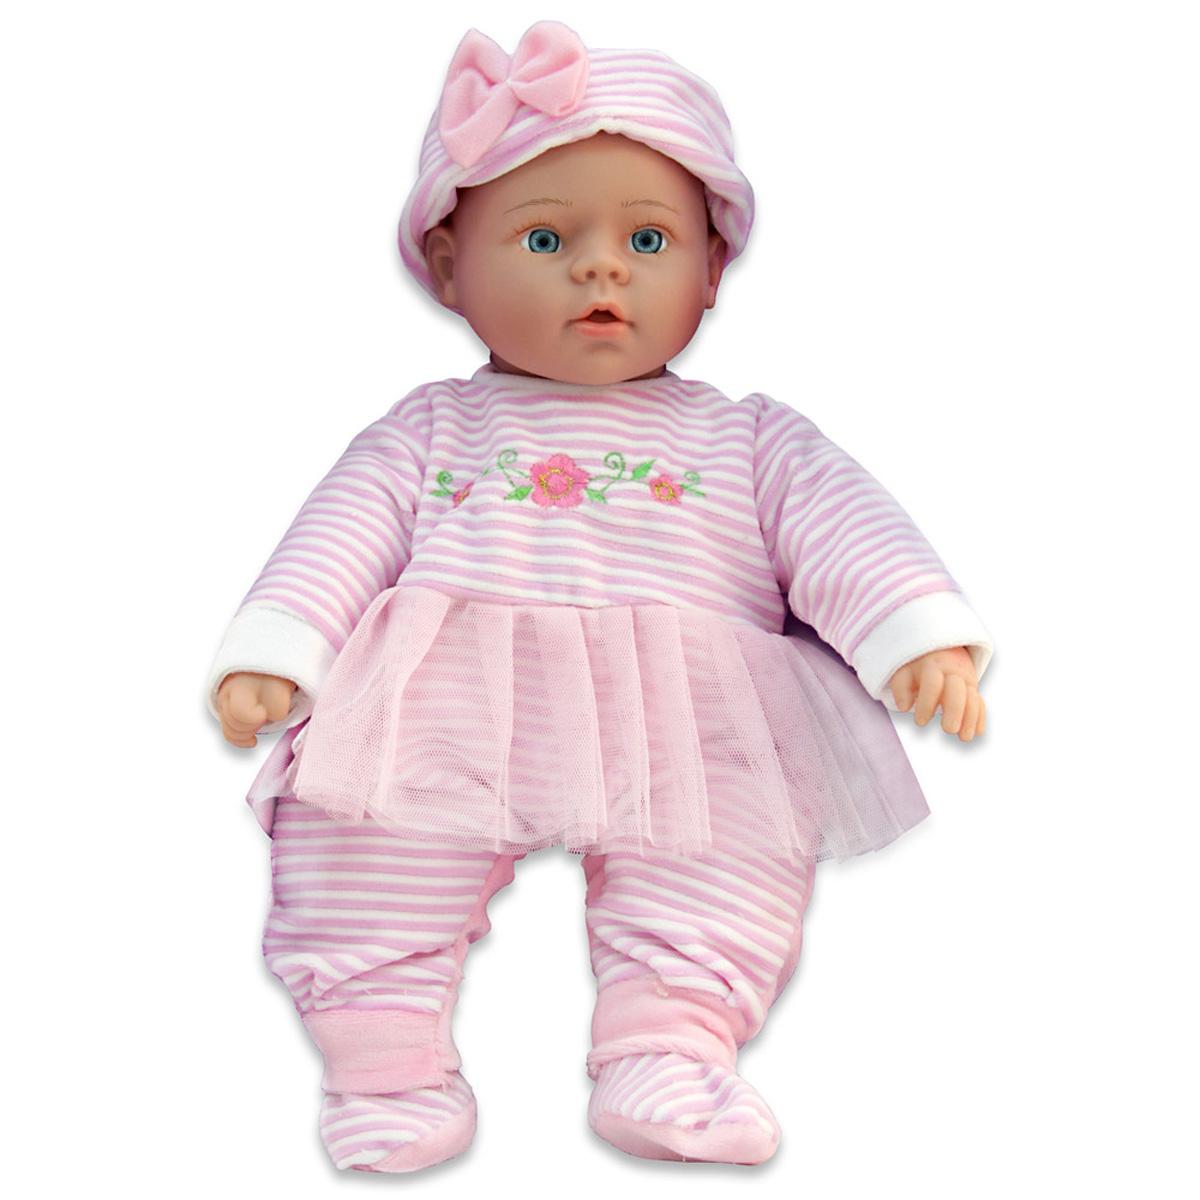 Lisa Jane Пупс озвученный в розовом костюмчикеUT-J1643AКукла интерактивная: говорит (более 50 фраз), рассказывает 2 стихотворения, поет песенку про маму. Любимая колыбельная мелодия. Нажми на ручку! Для куклы требуются 3 батарейки типа АА, в состав набора не входят.